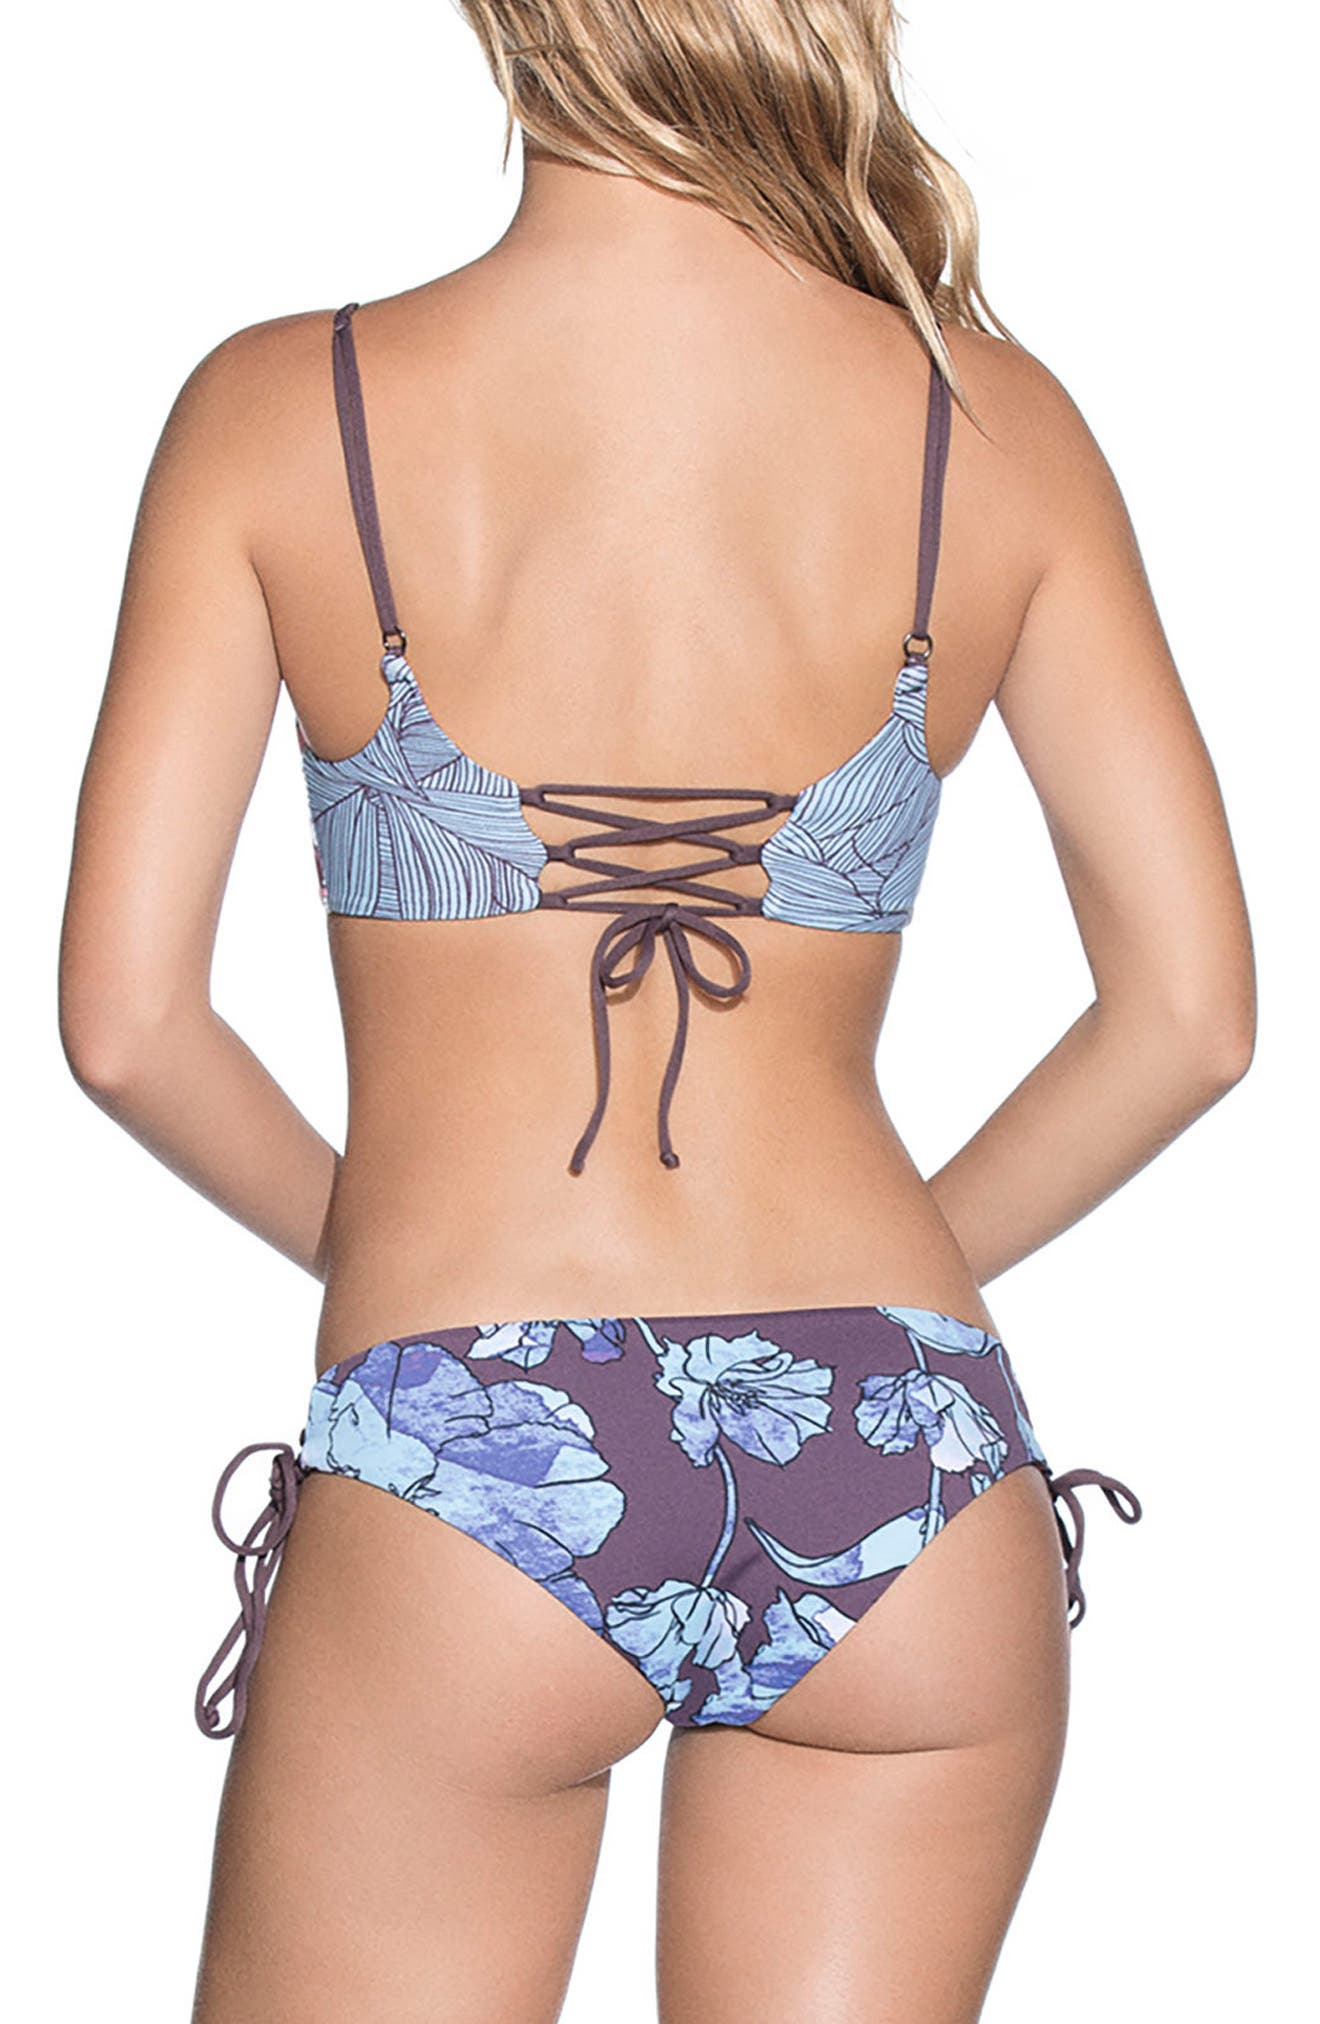 Providence Island Signature Rervsible Bikini Bottoms,                             Alternate thumbnail 4, color,                             400